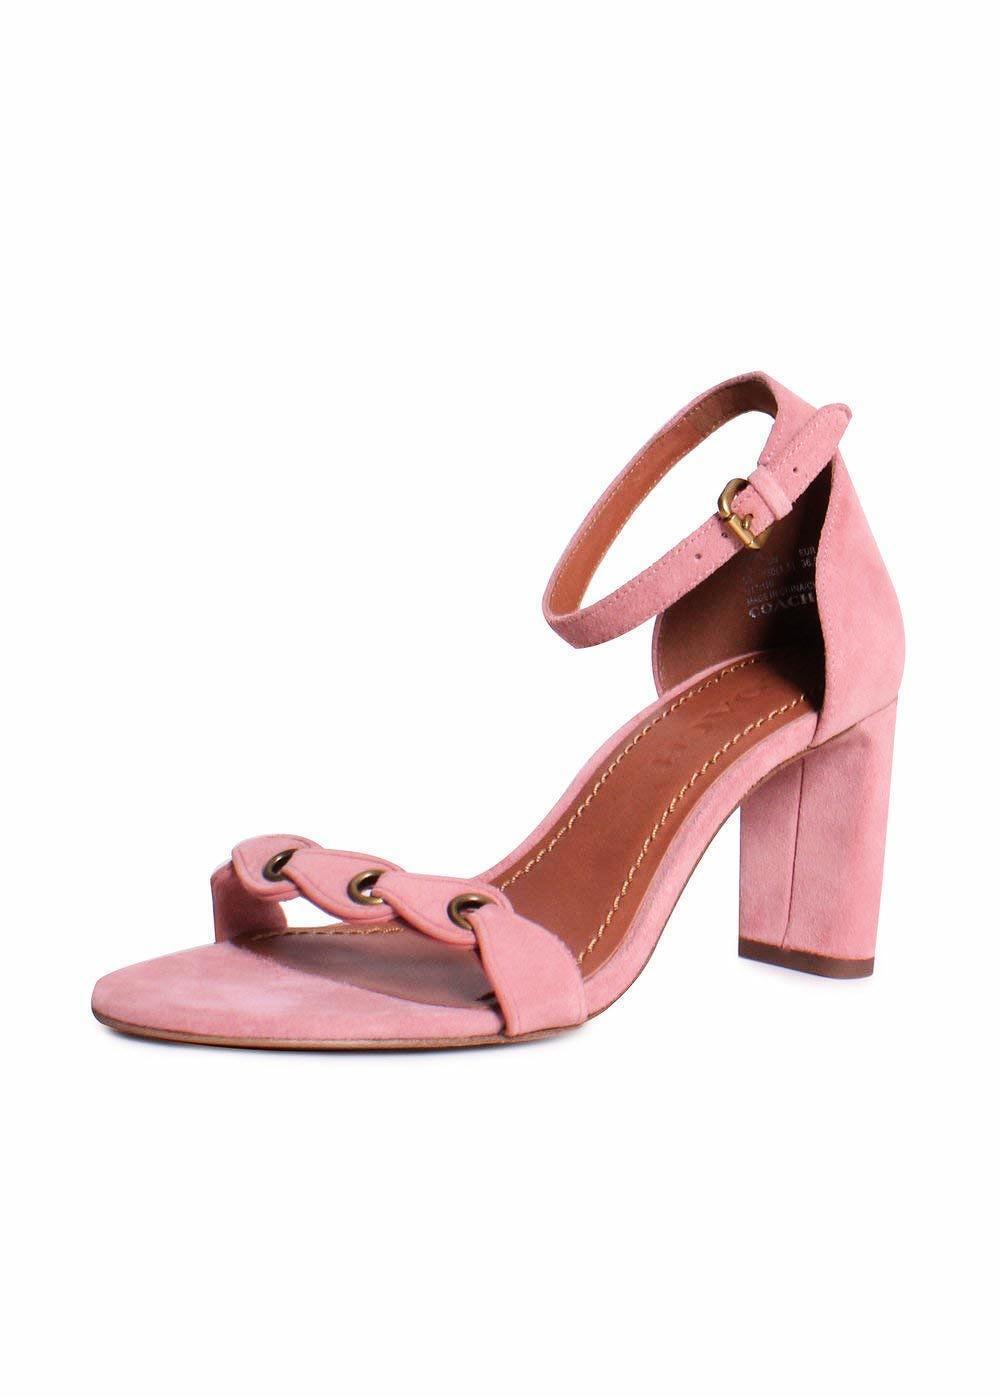 Entrenador de tacón para mujer sandalia Zapatos Peonía Gamuza 8.5 Nuevo En Caja